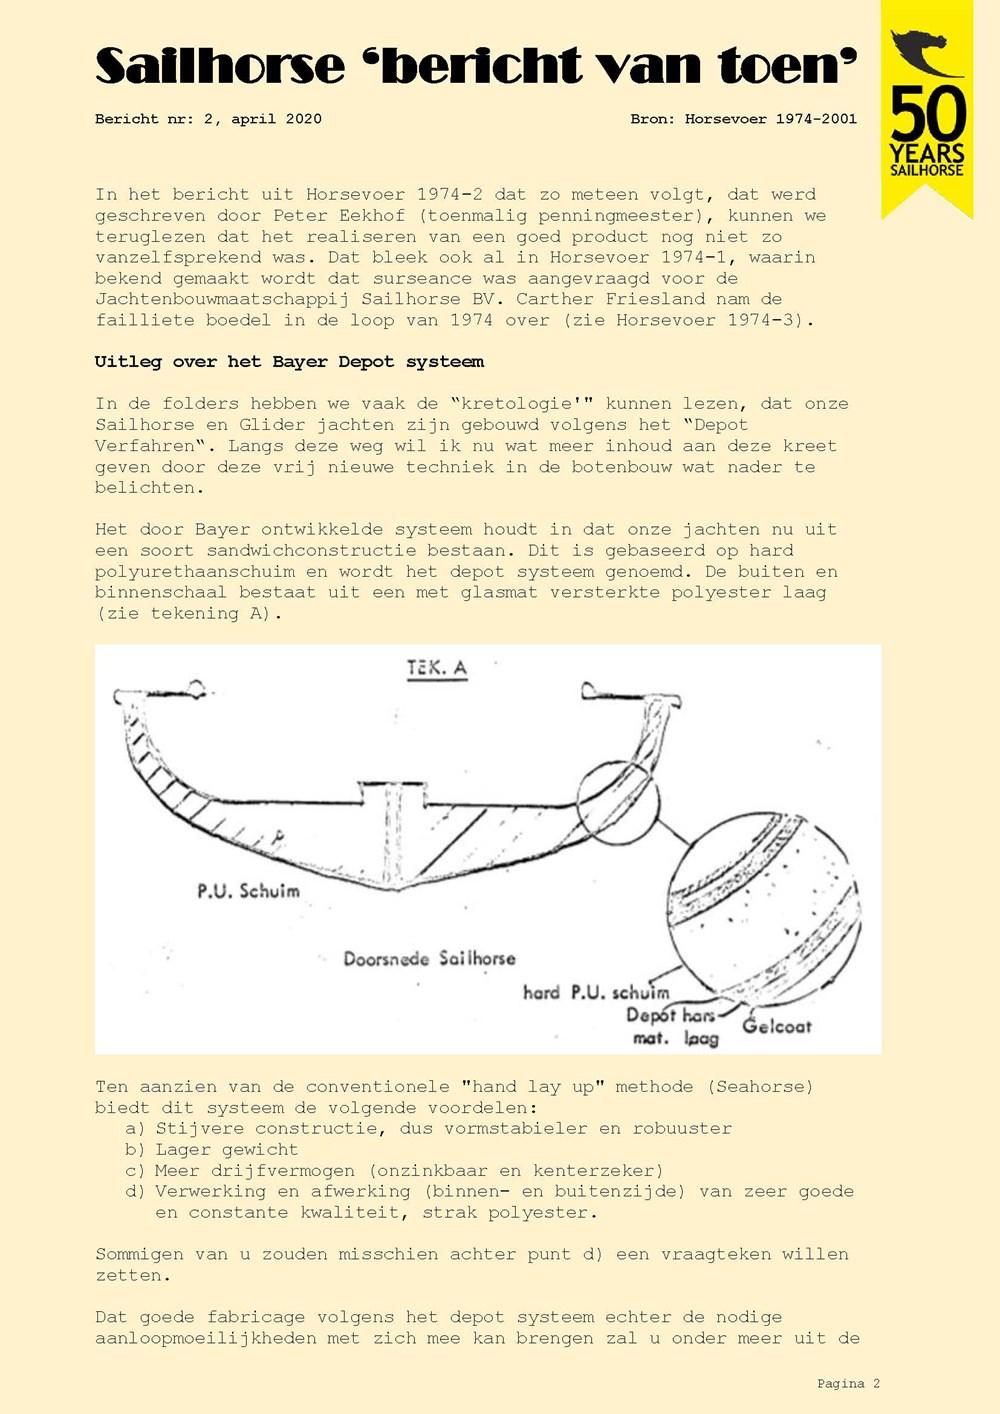 Bericht_van_toen_April_Page_2.jpg